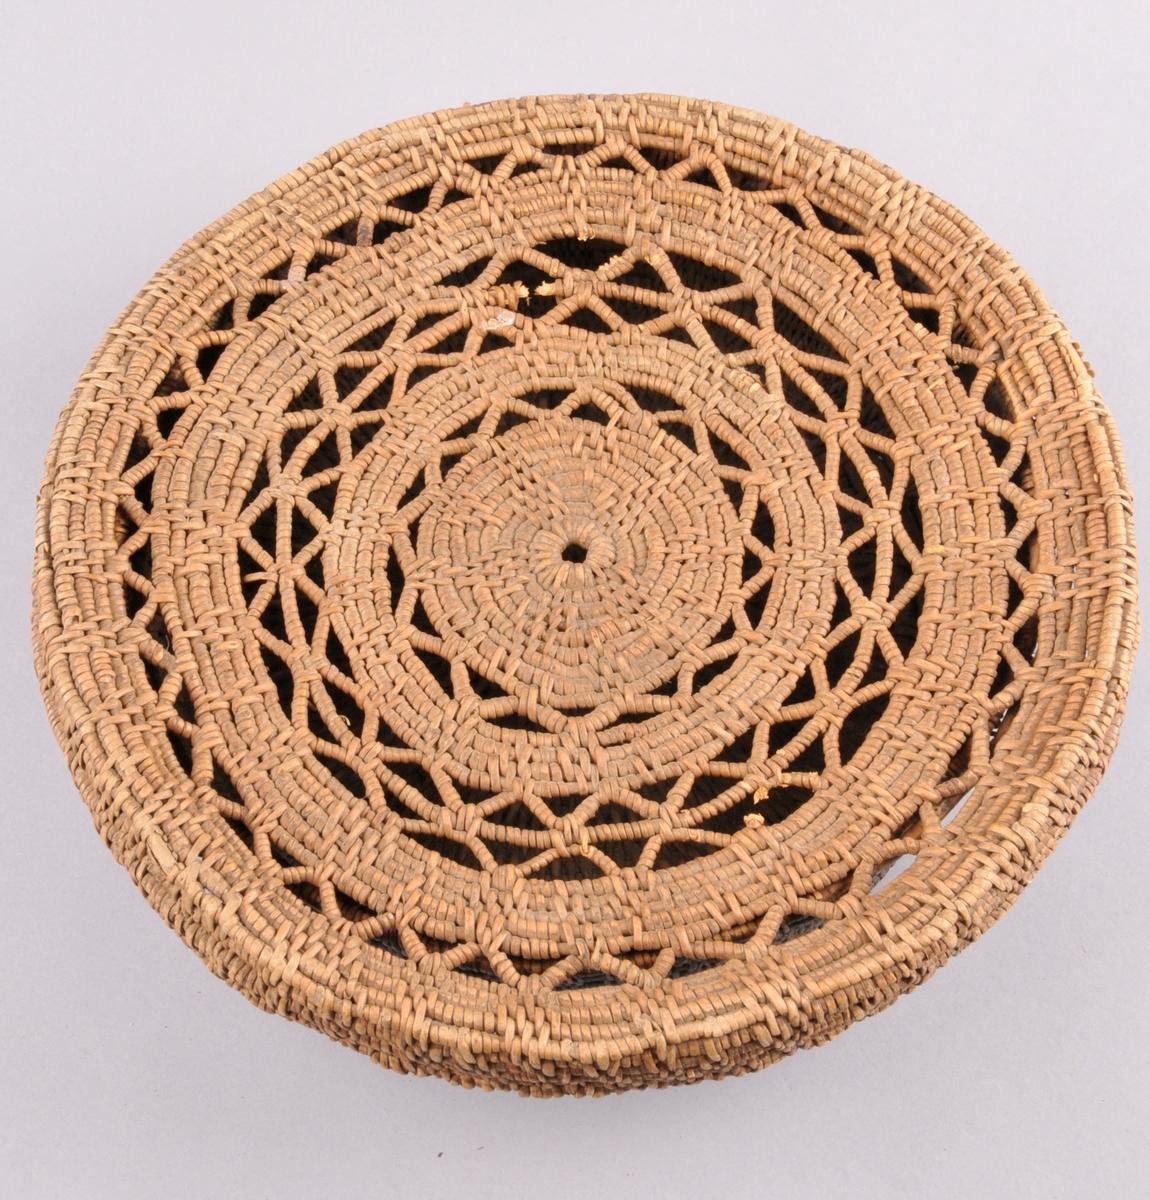 Tæge laga av bjørkerøtter. Med lok. Loket har sirkel/sol motiv, og sikksakk mønster. Trekantmønster på sjølve tæja. Loket er ein god del større og lysare enn resten ab tæga.